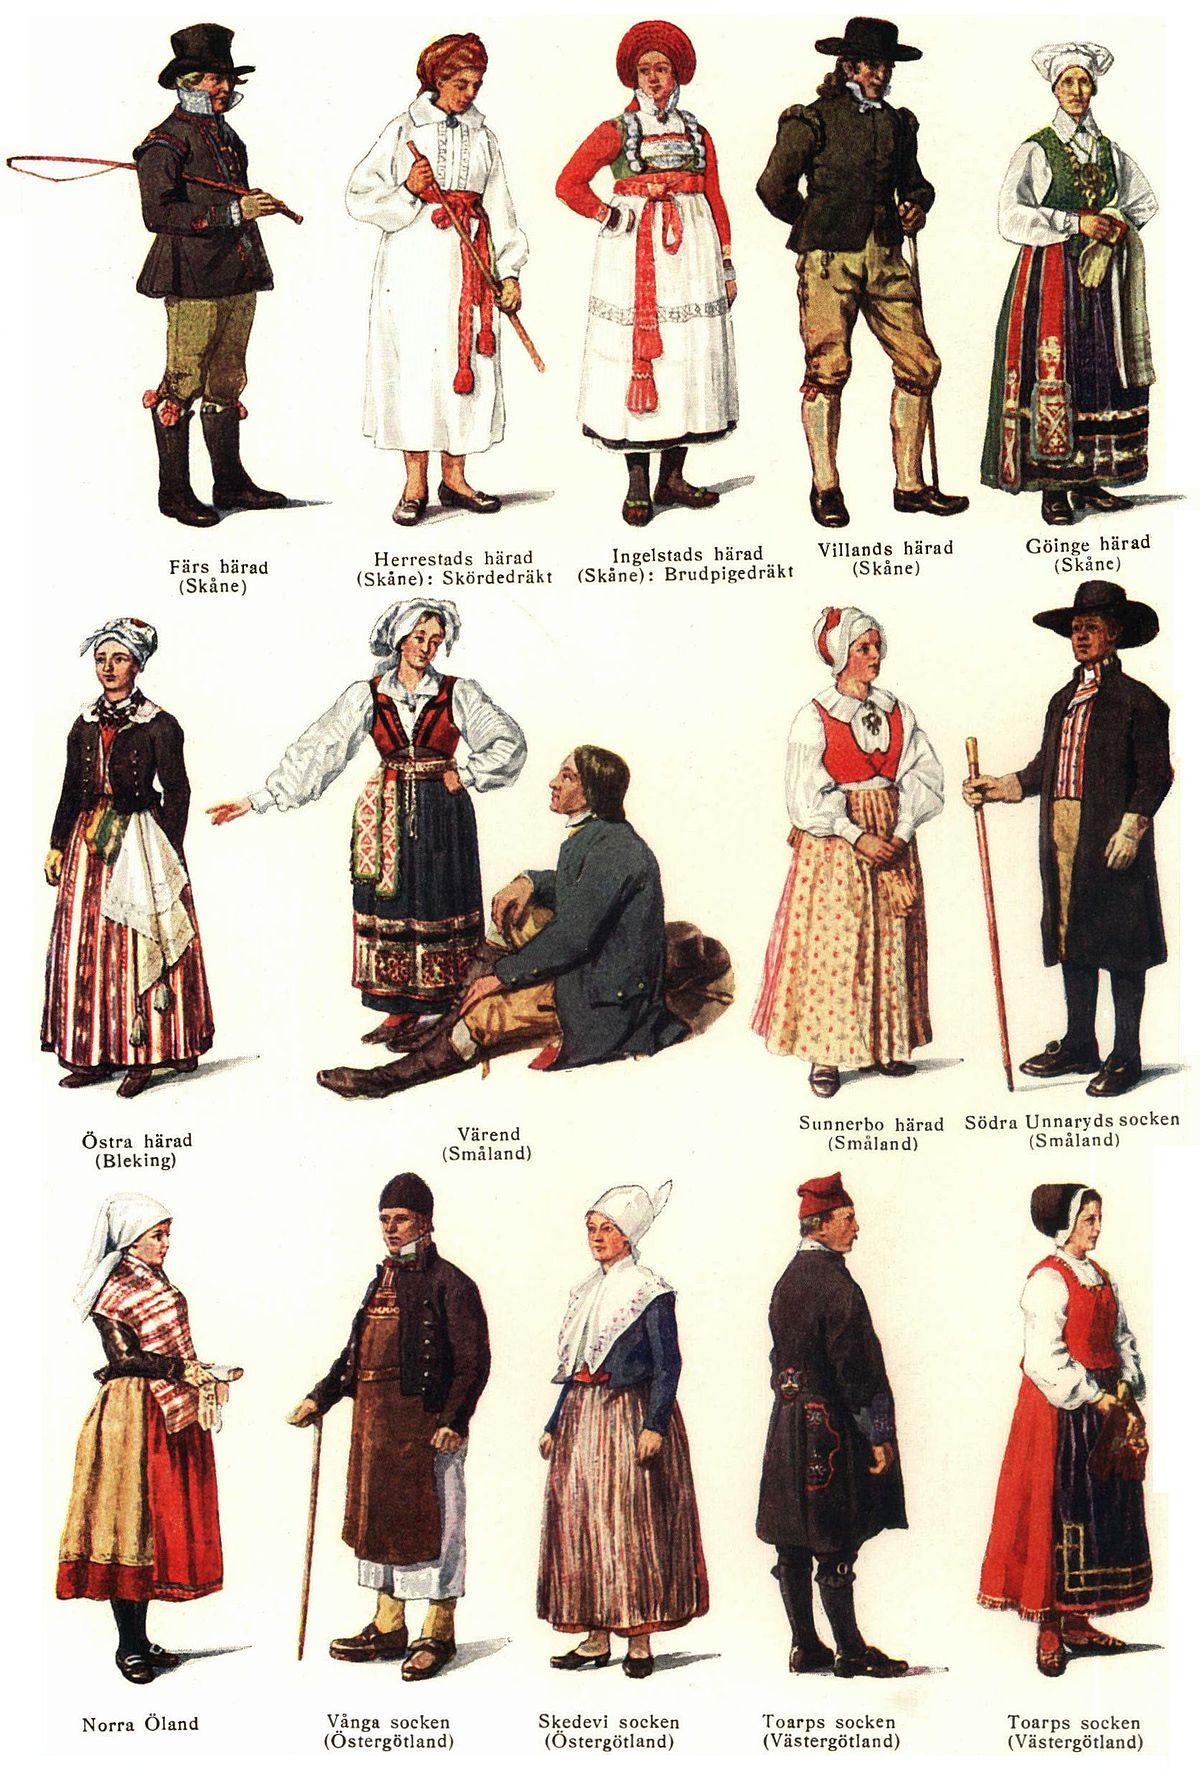 Svenska folkdr kter wikipedia for American regional cuisine history